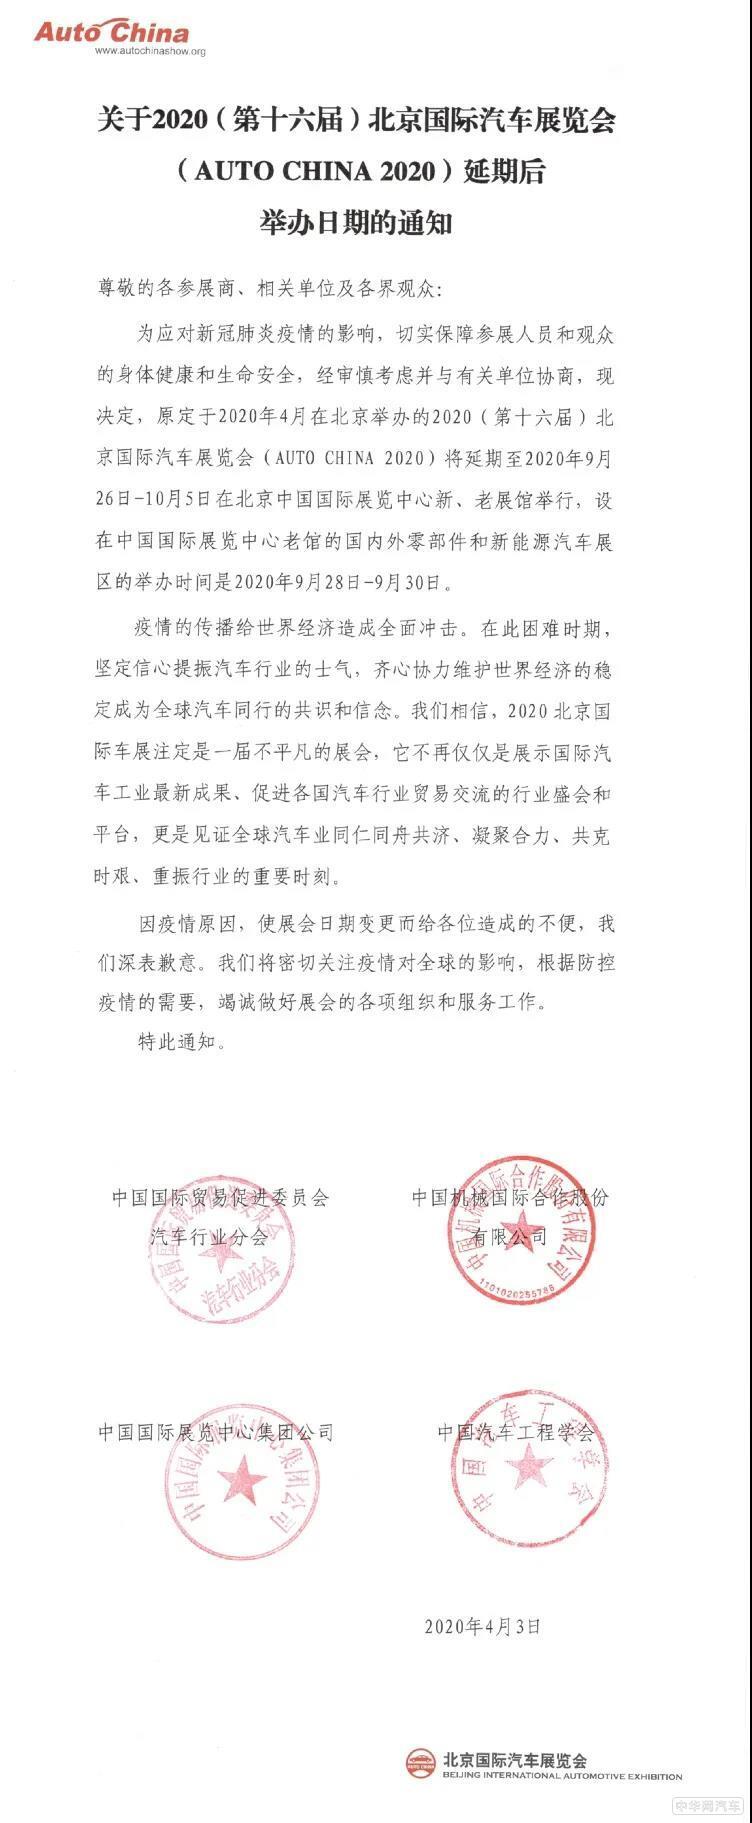 延期至9月26日举行 2020北京车展最新消息曝光